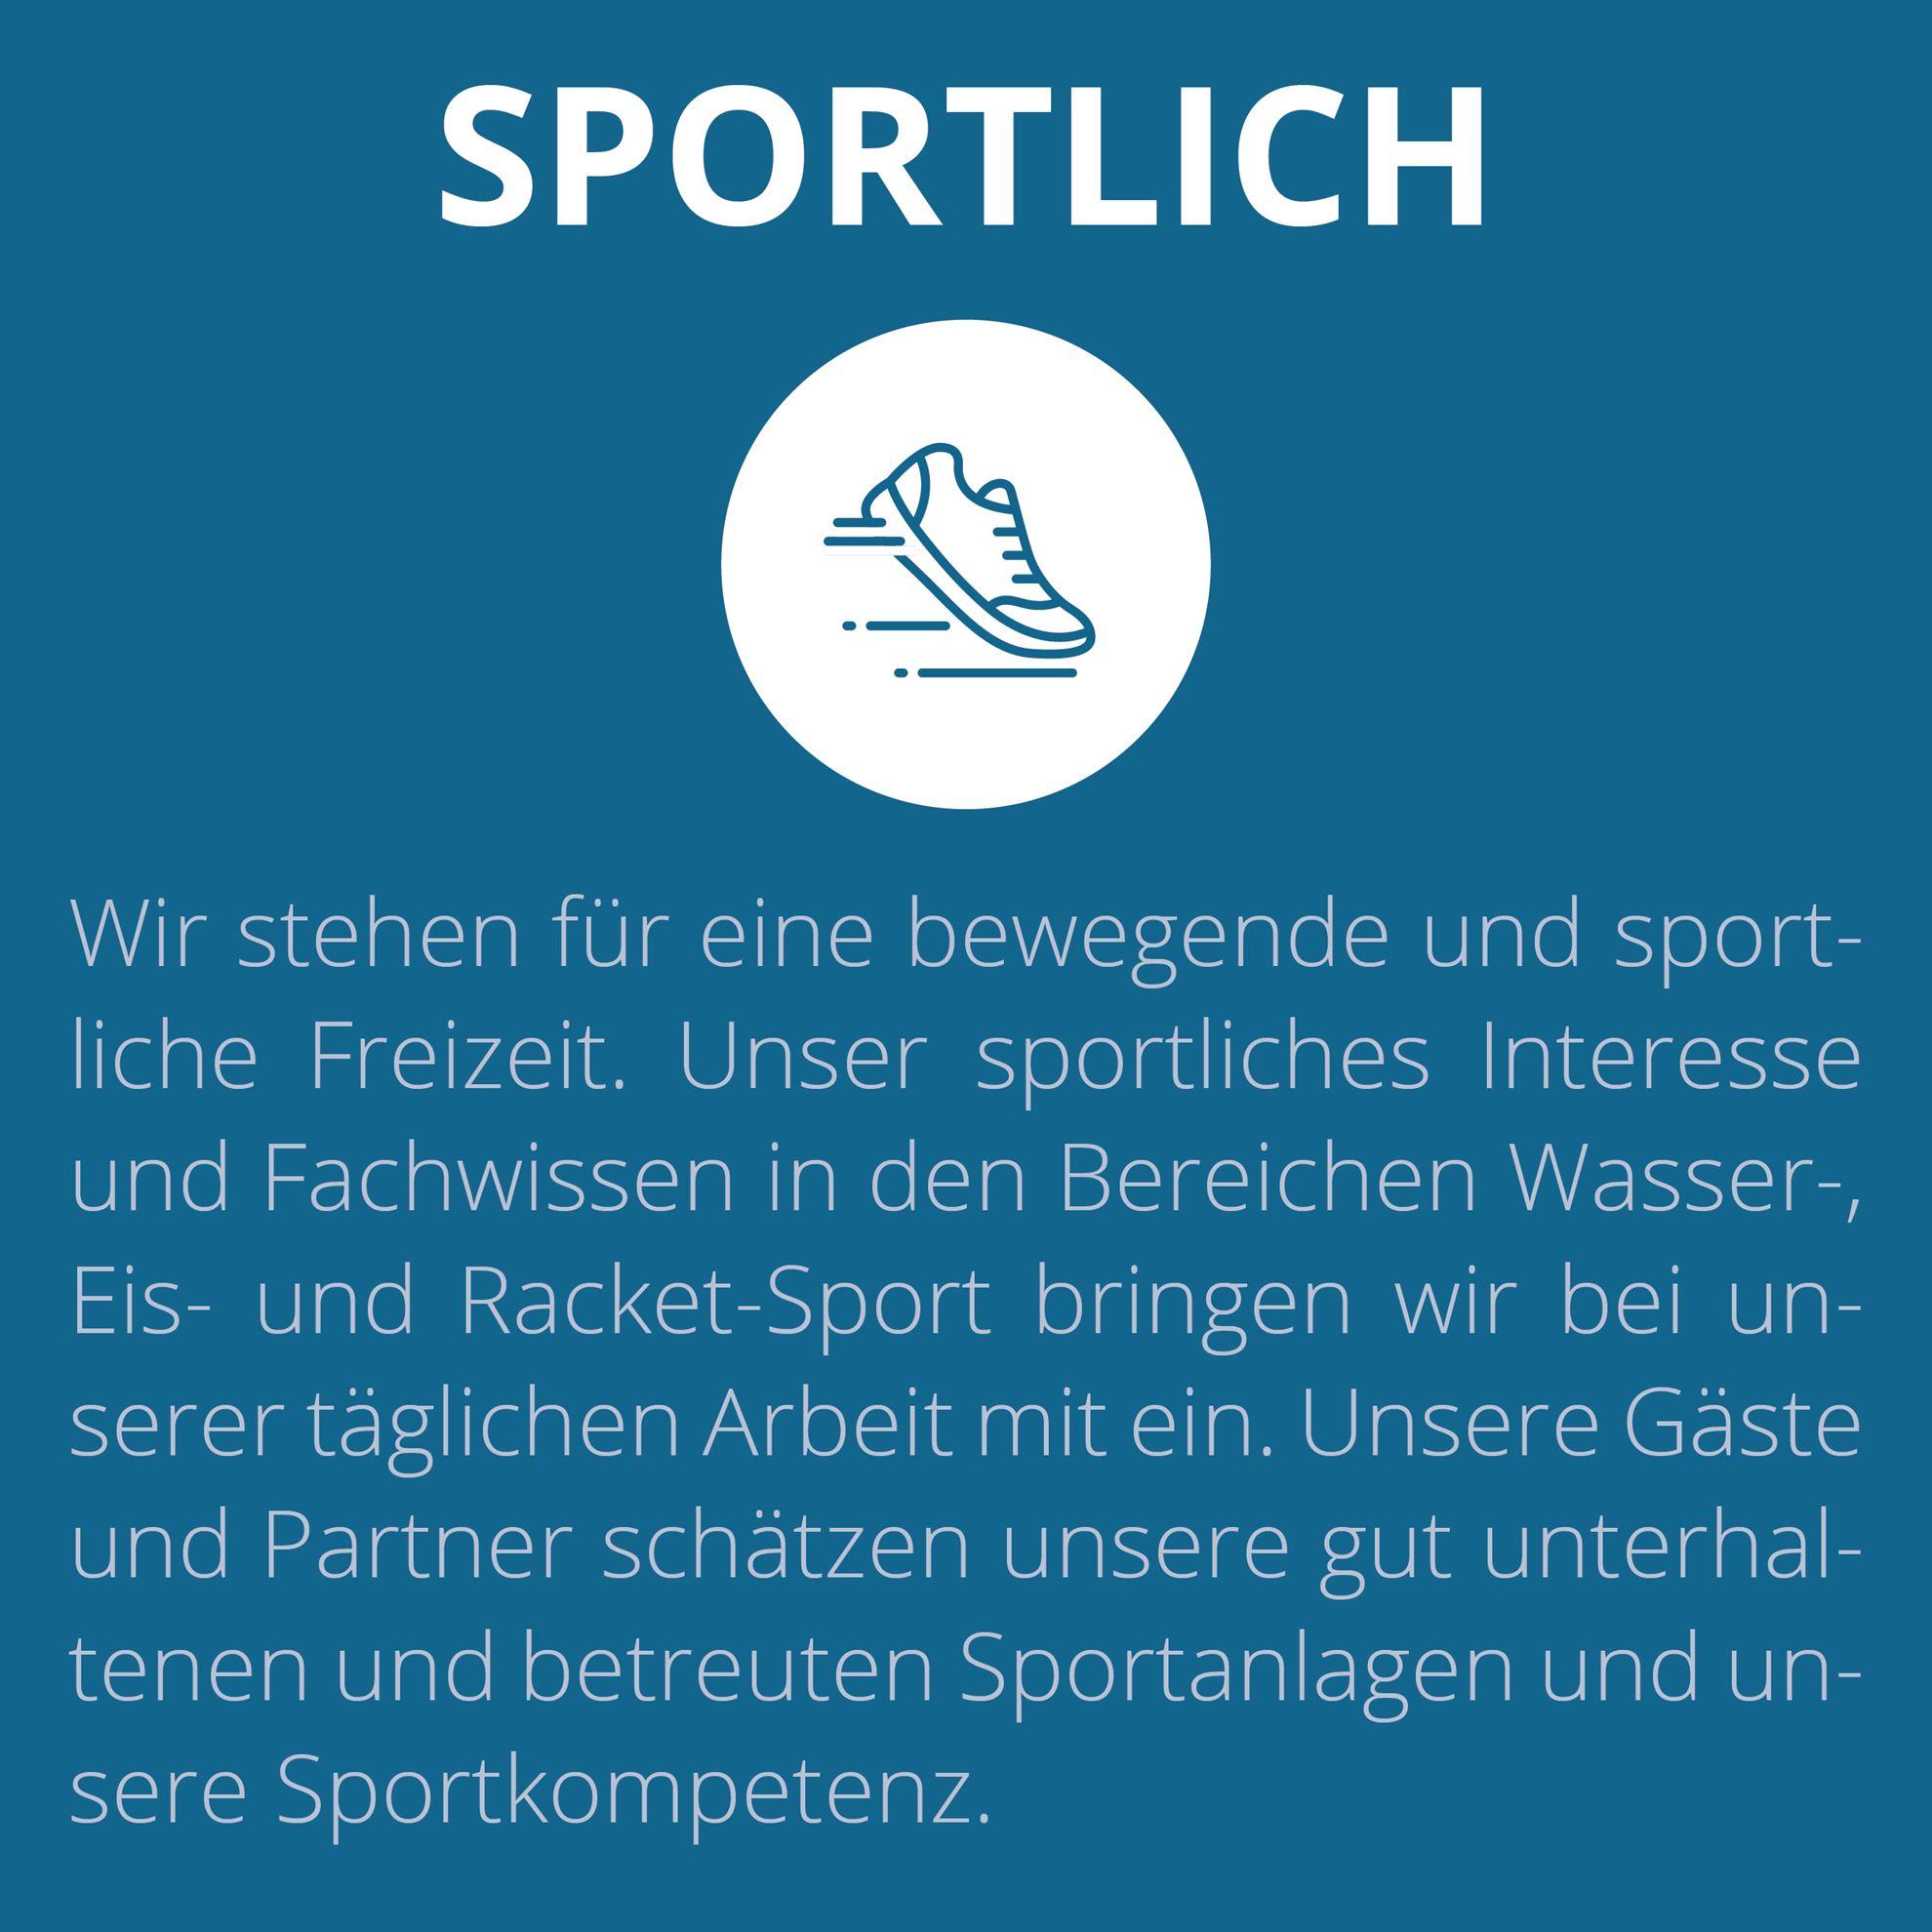 Wert_Sportlich